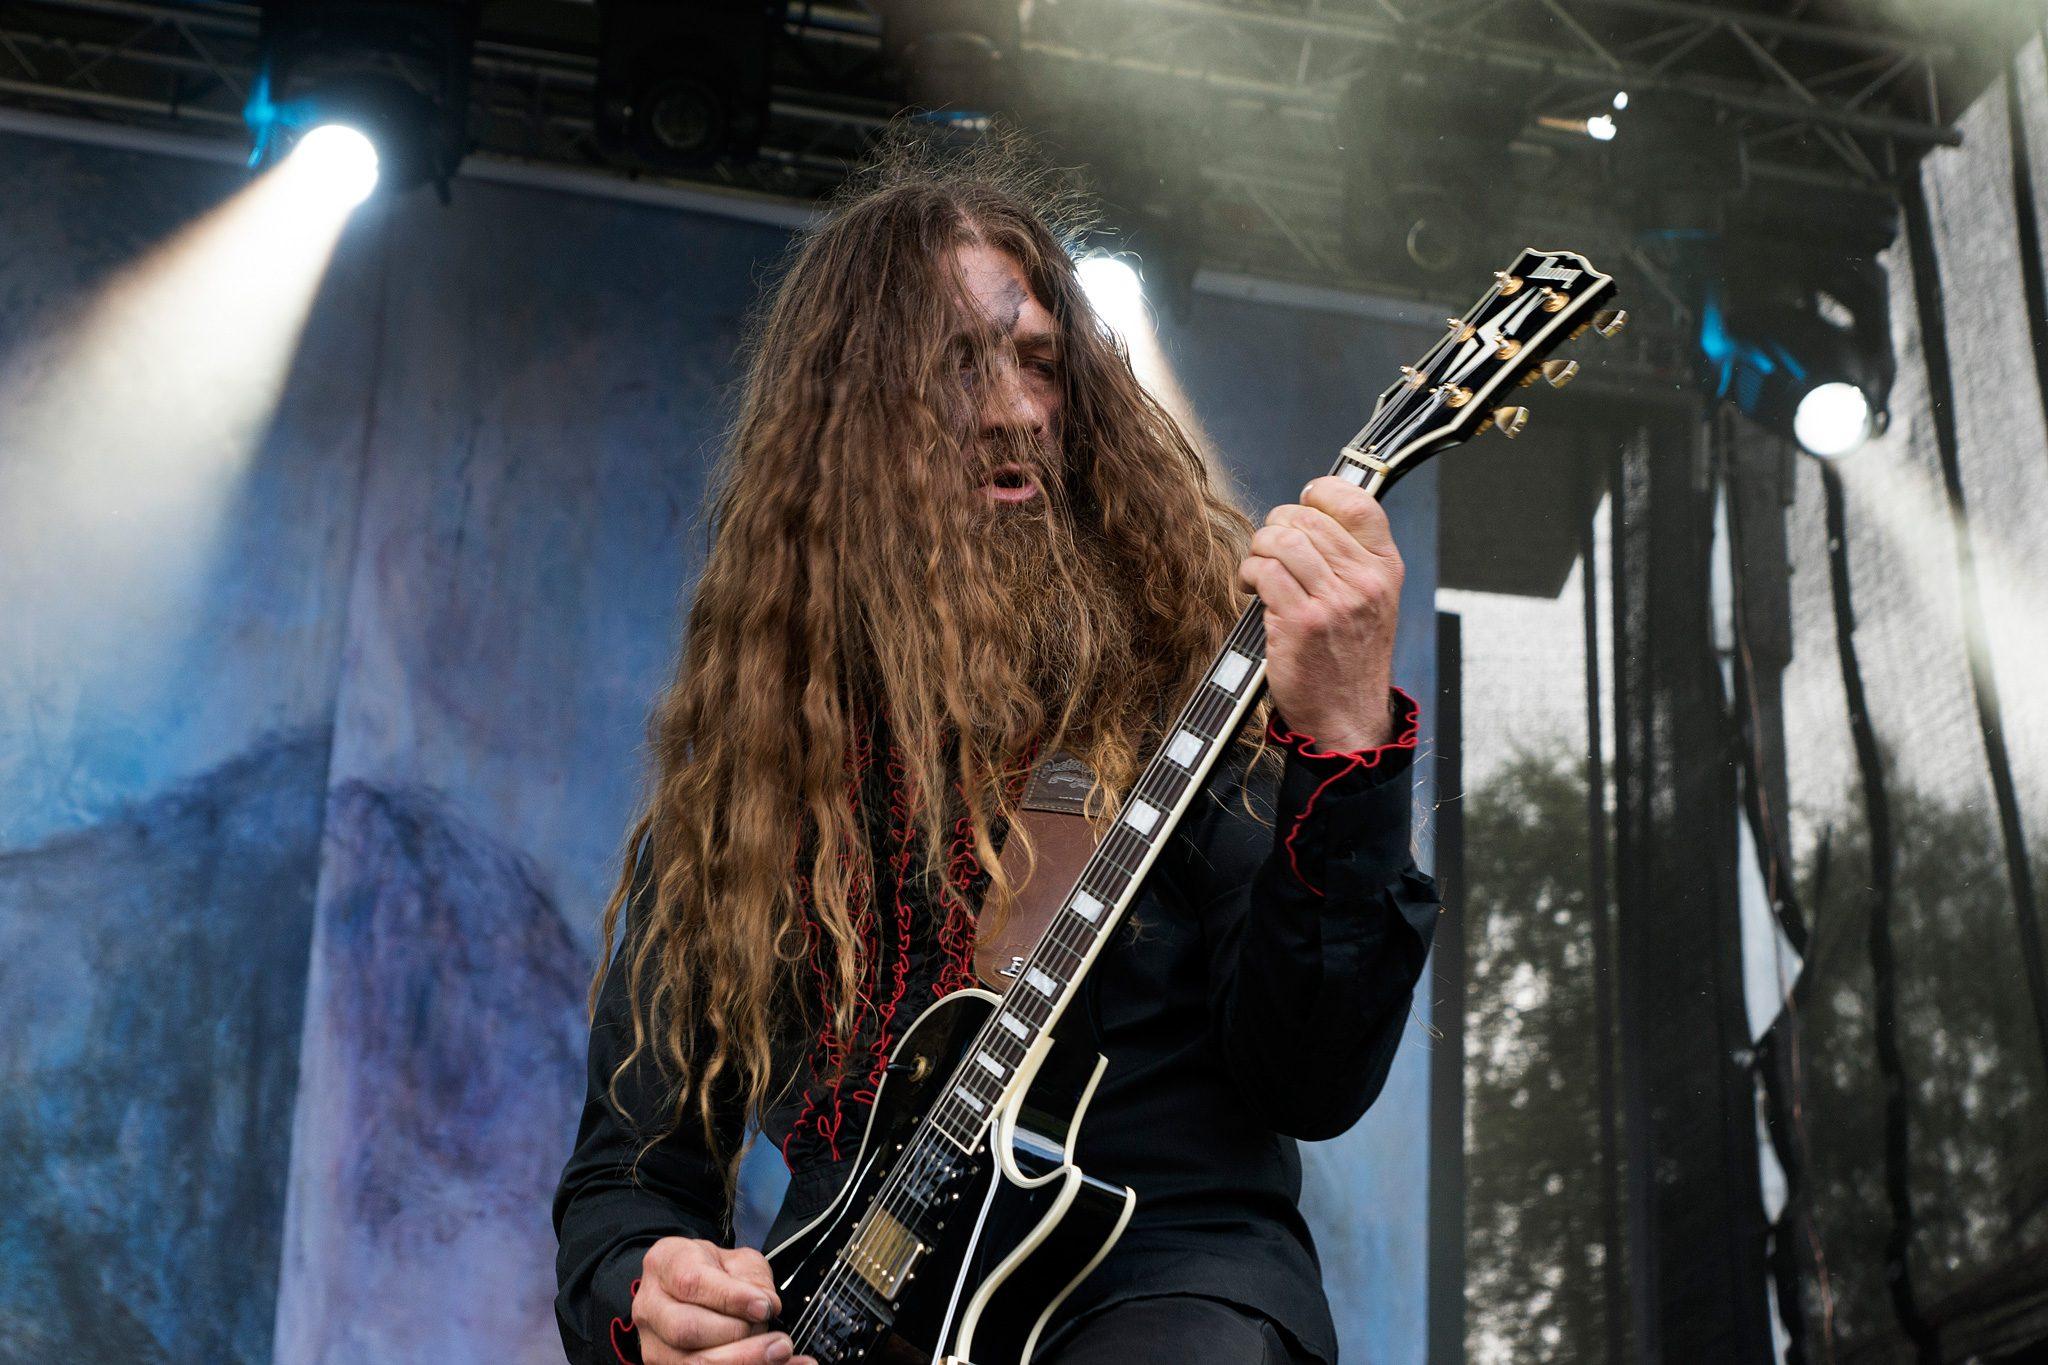 Åsgeir Størdal, Blodsmak